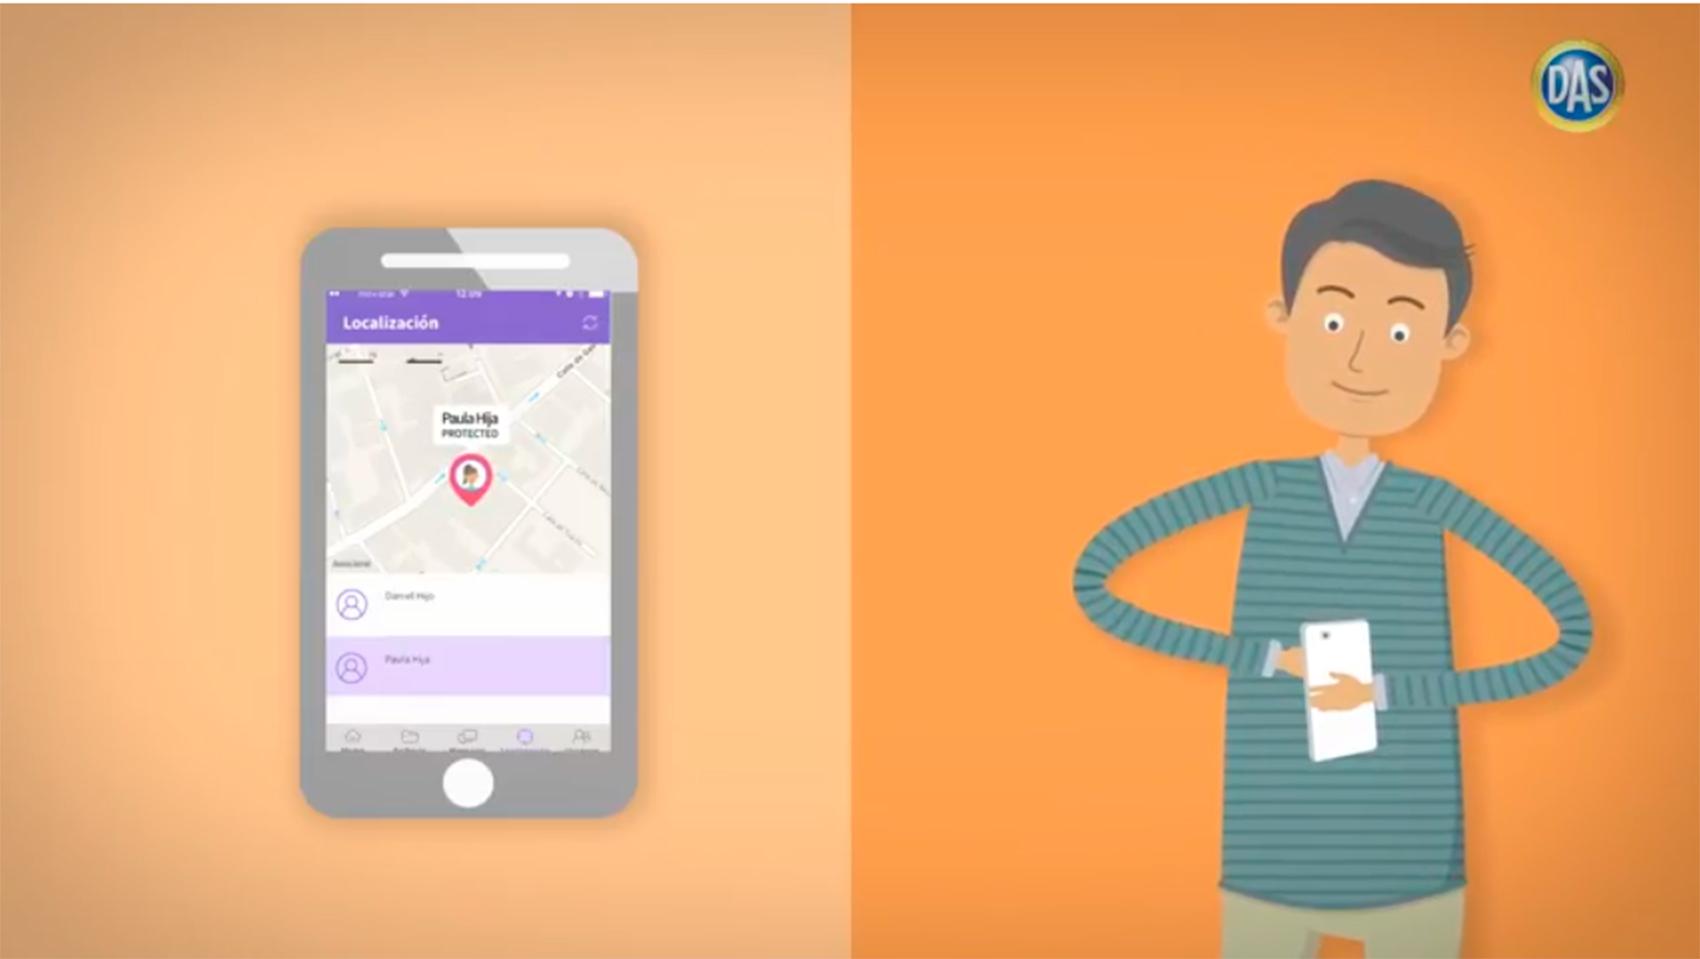 Nace la app proofup una soluci n para actuar ante el - Casos de ciberacoso en espana ...